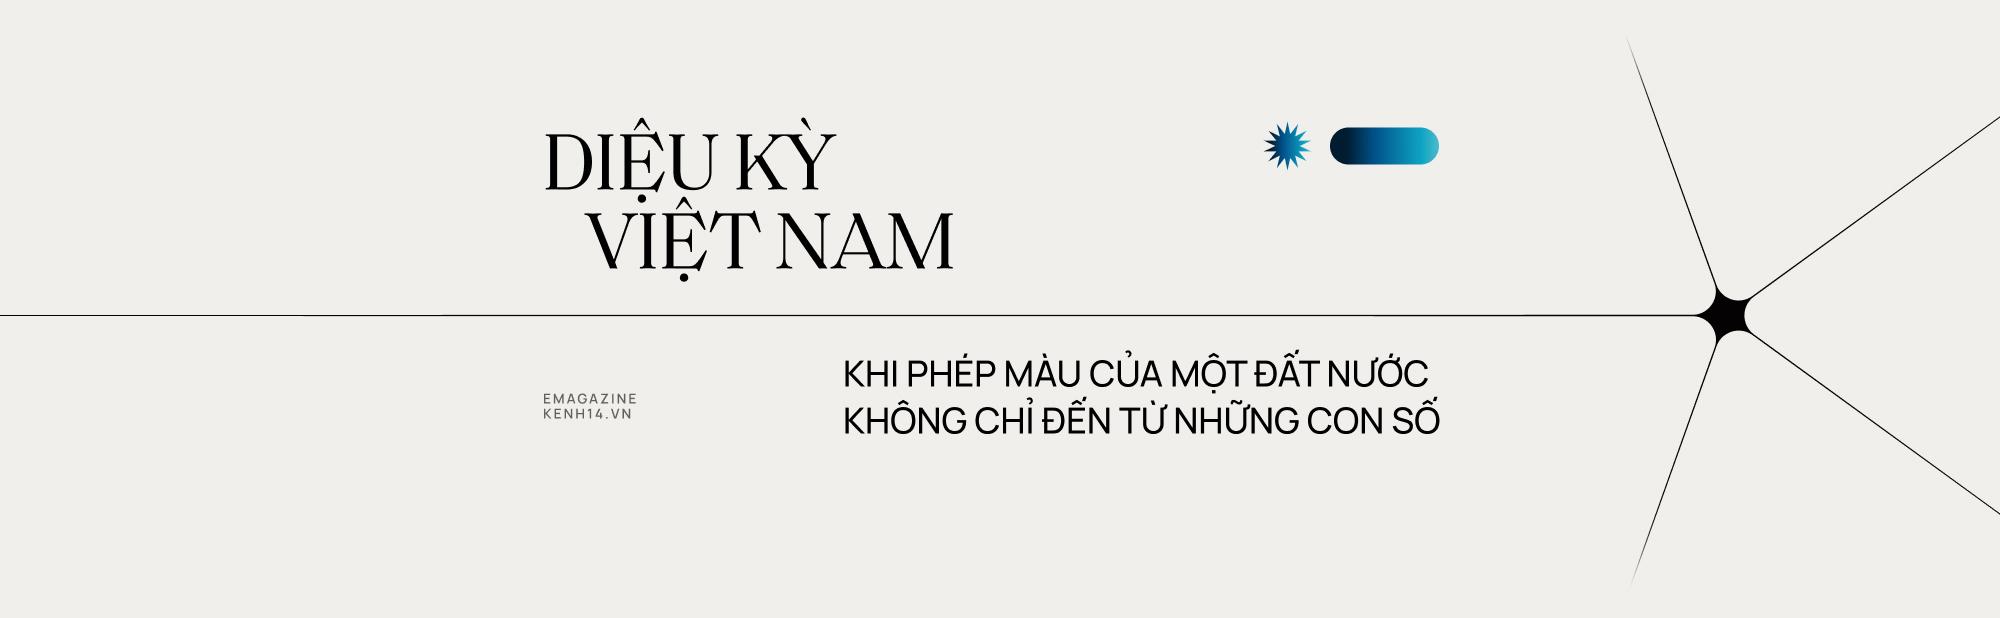 WeChoice Awards 2020: Diệu kỳ Việt Nam - khi phép màu đến từ những điều giản đơn nhất - Ảnh 12.